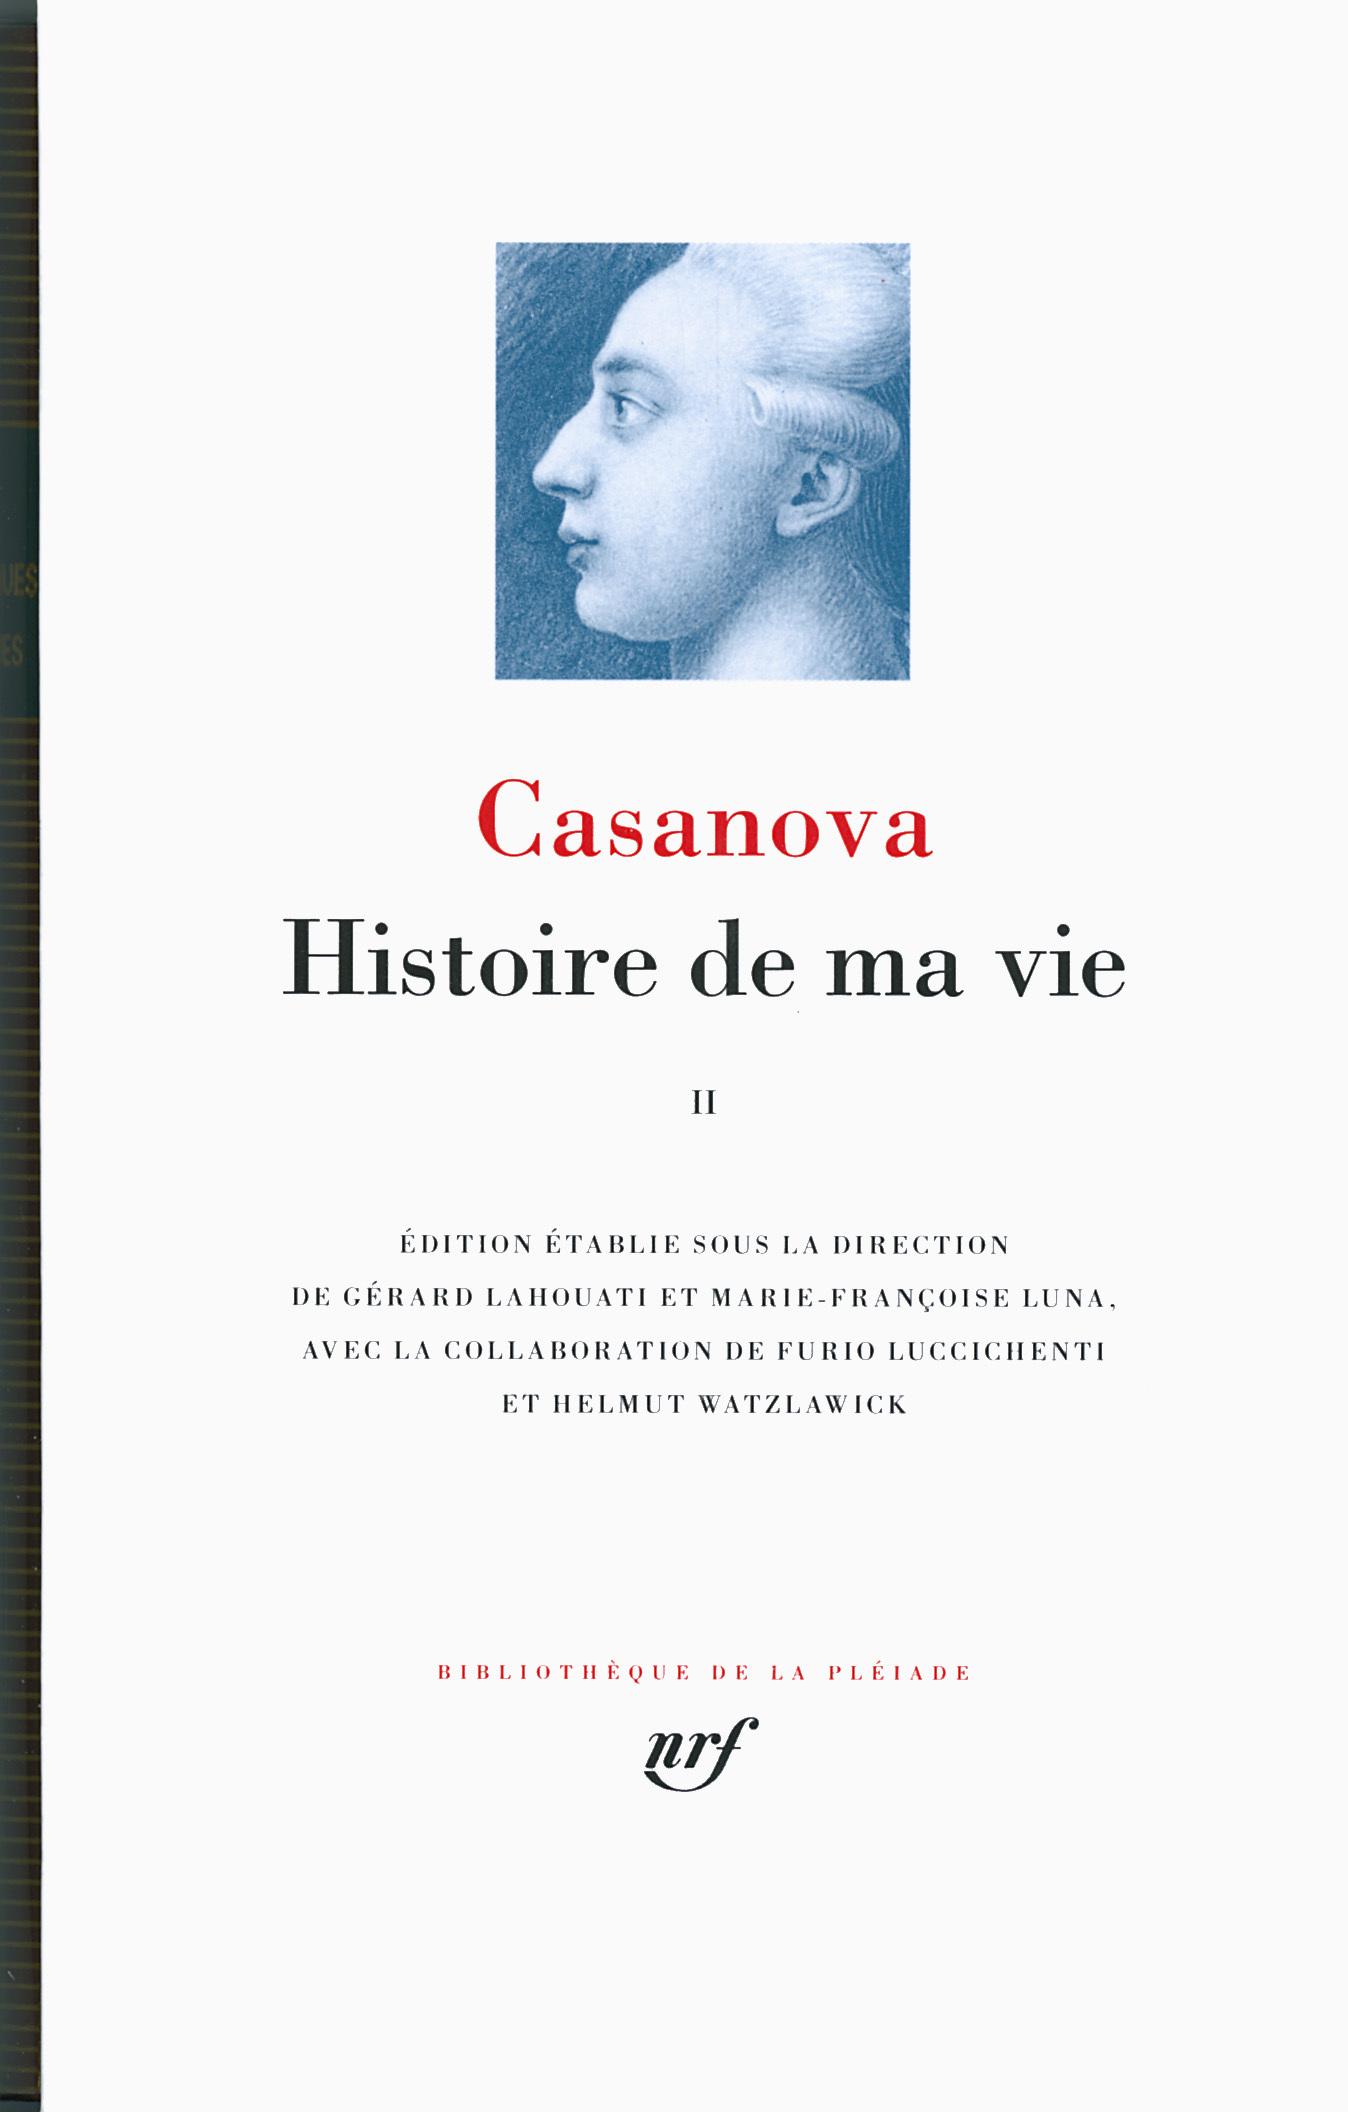 HISTOIRE DE MA VIE T2